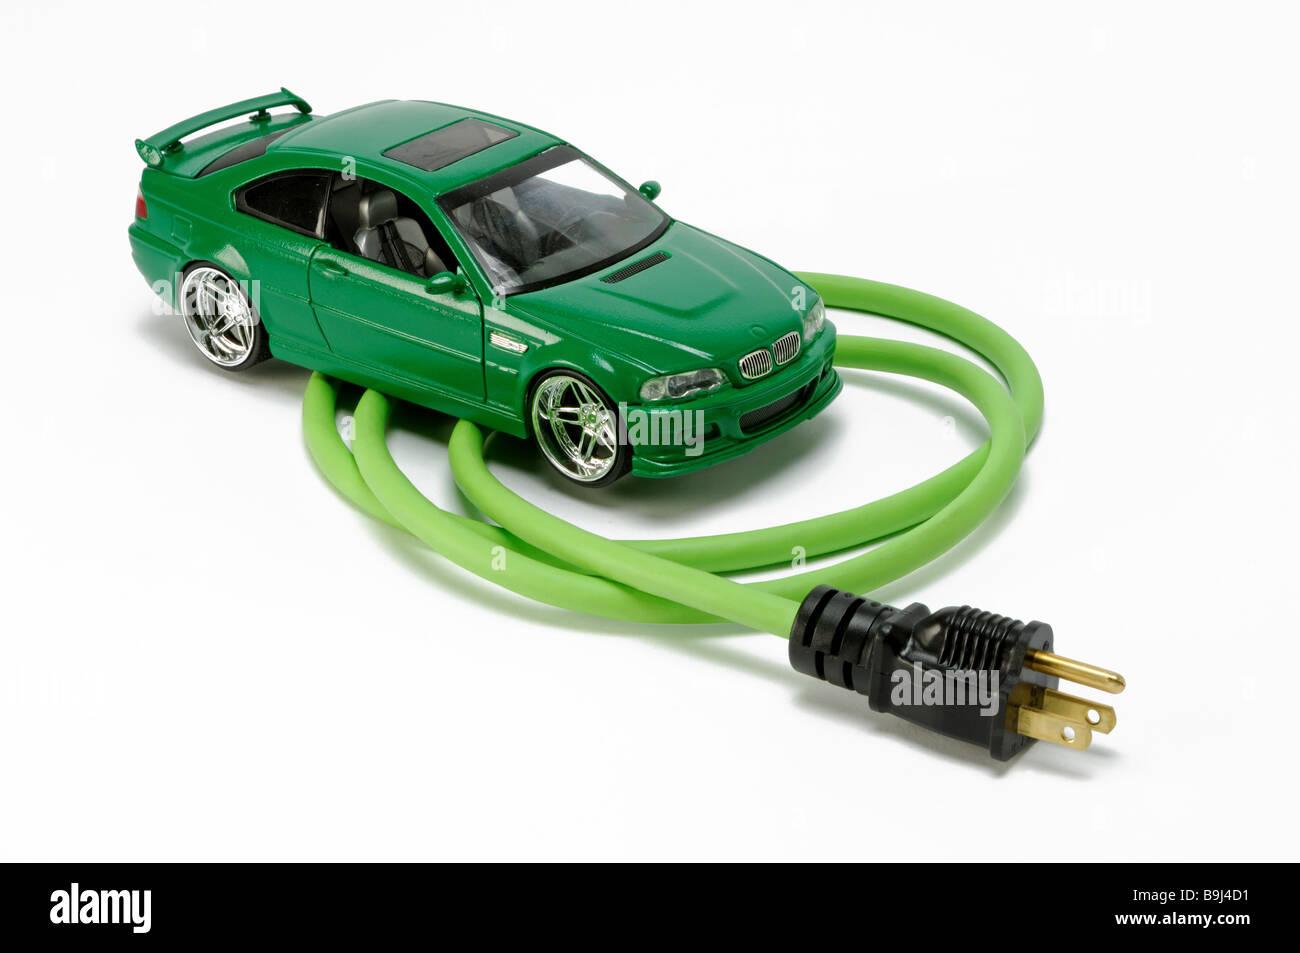 Un véhicule automobile verte voiture avec un cordon d'extension électrique vert l'article avec Photo Stock